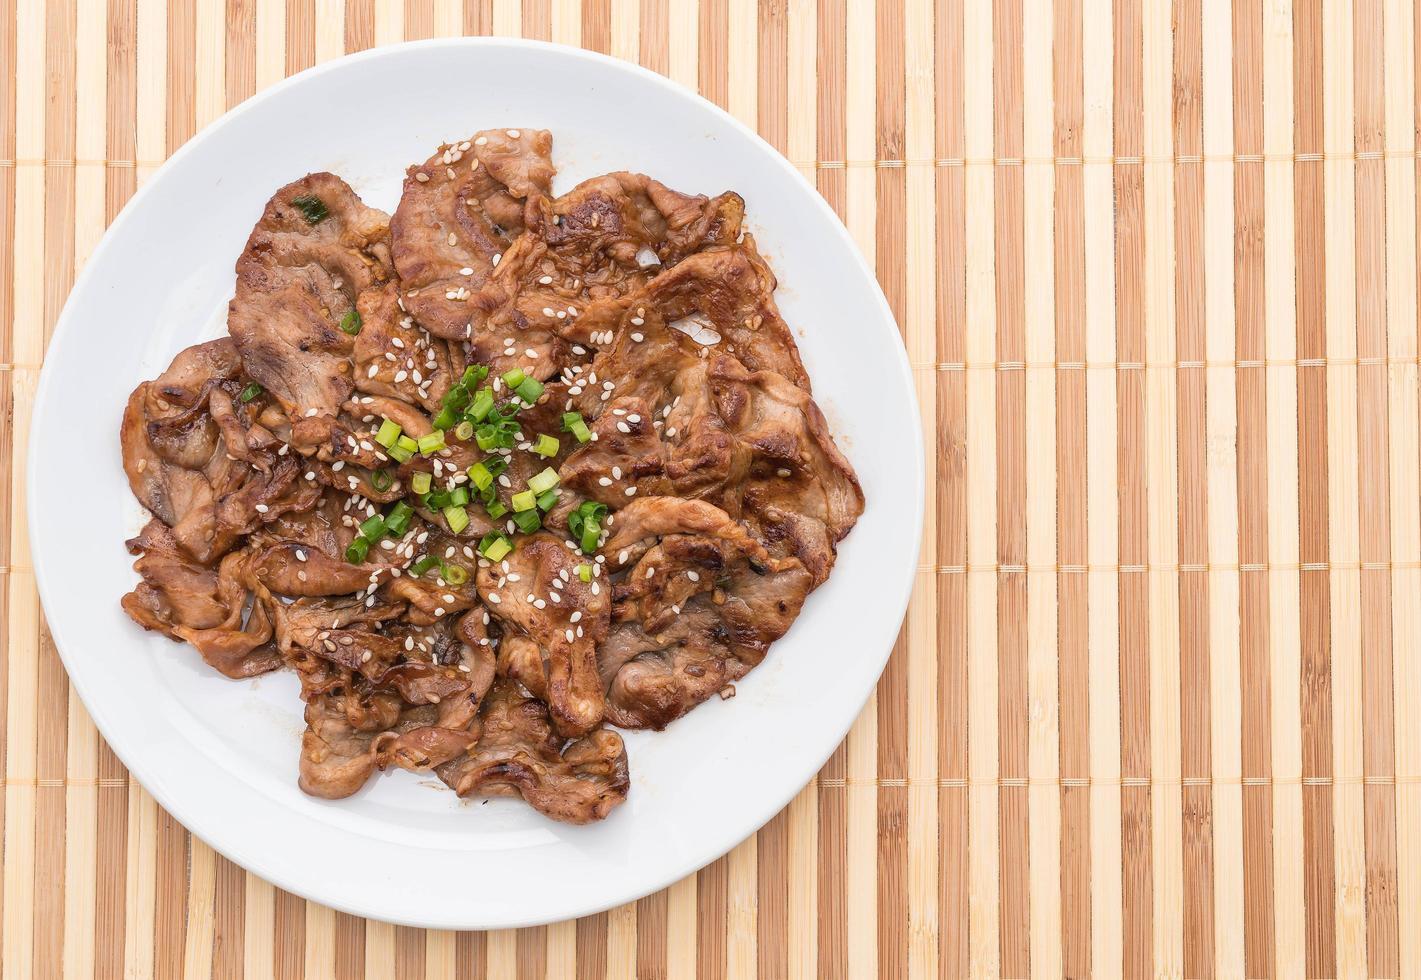 porc grillé sur assiette photo